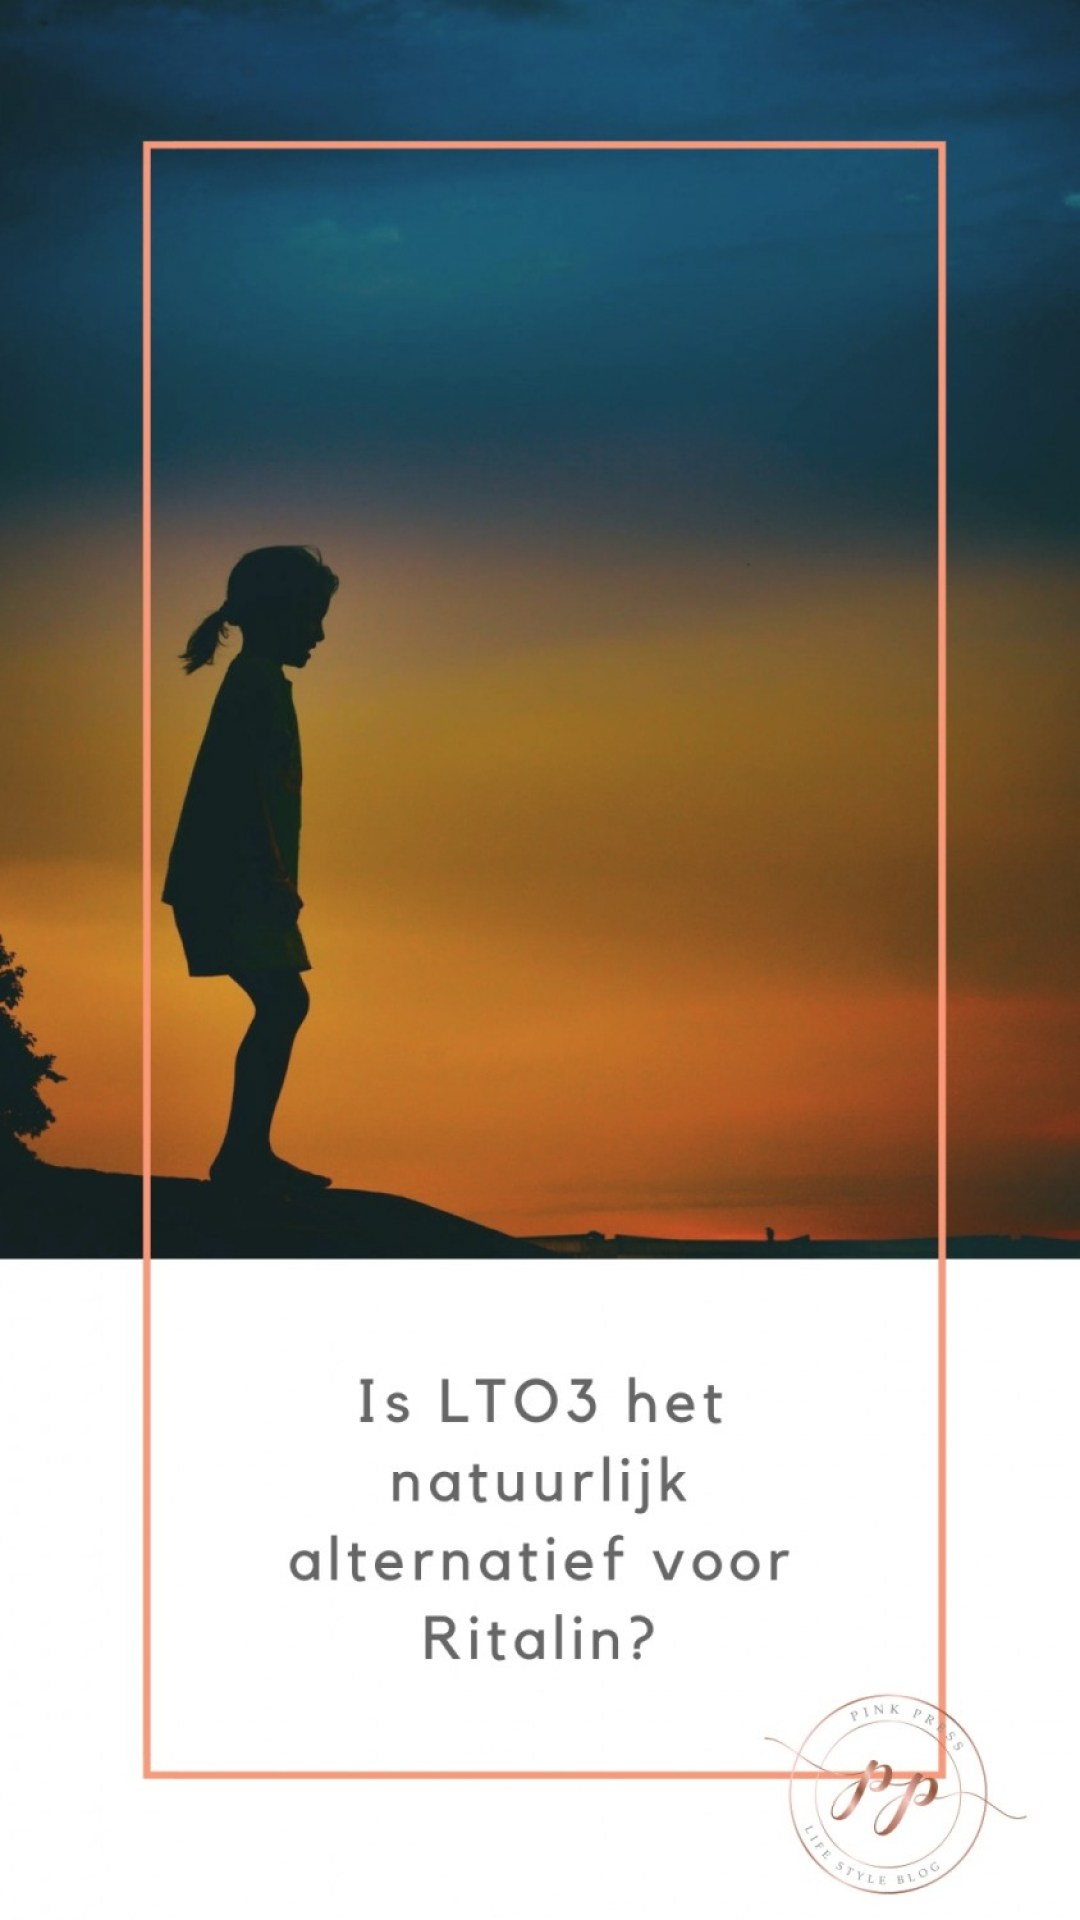 LTO3 het natuurlijk alternatief voor Ritalin ADHD - Is LTO3 het natuurlijk alternatief voor Ritalin?